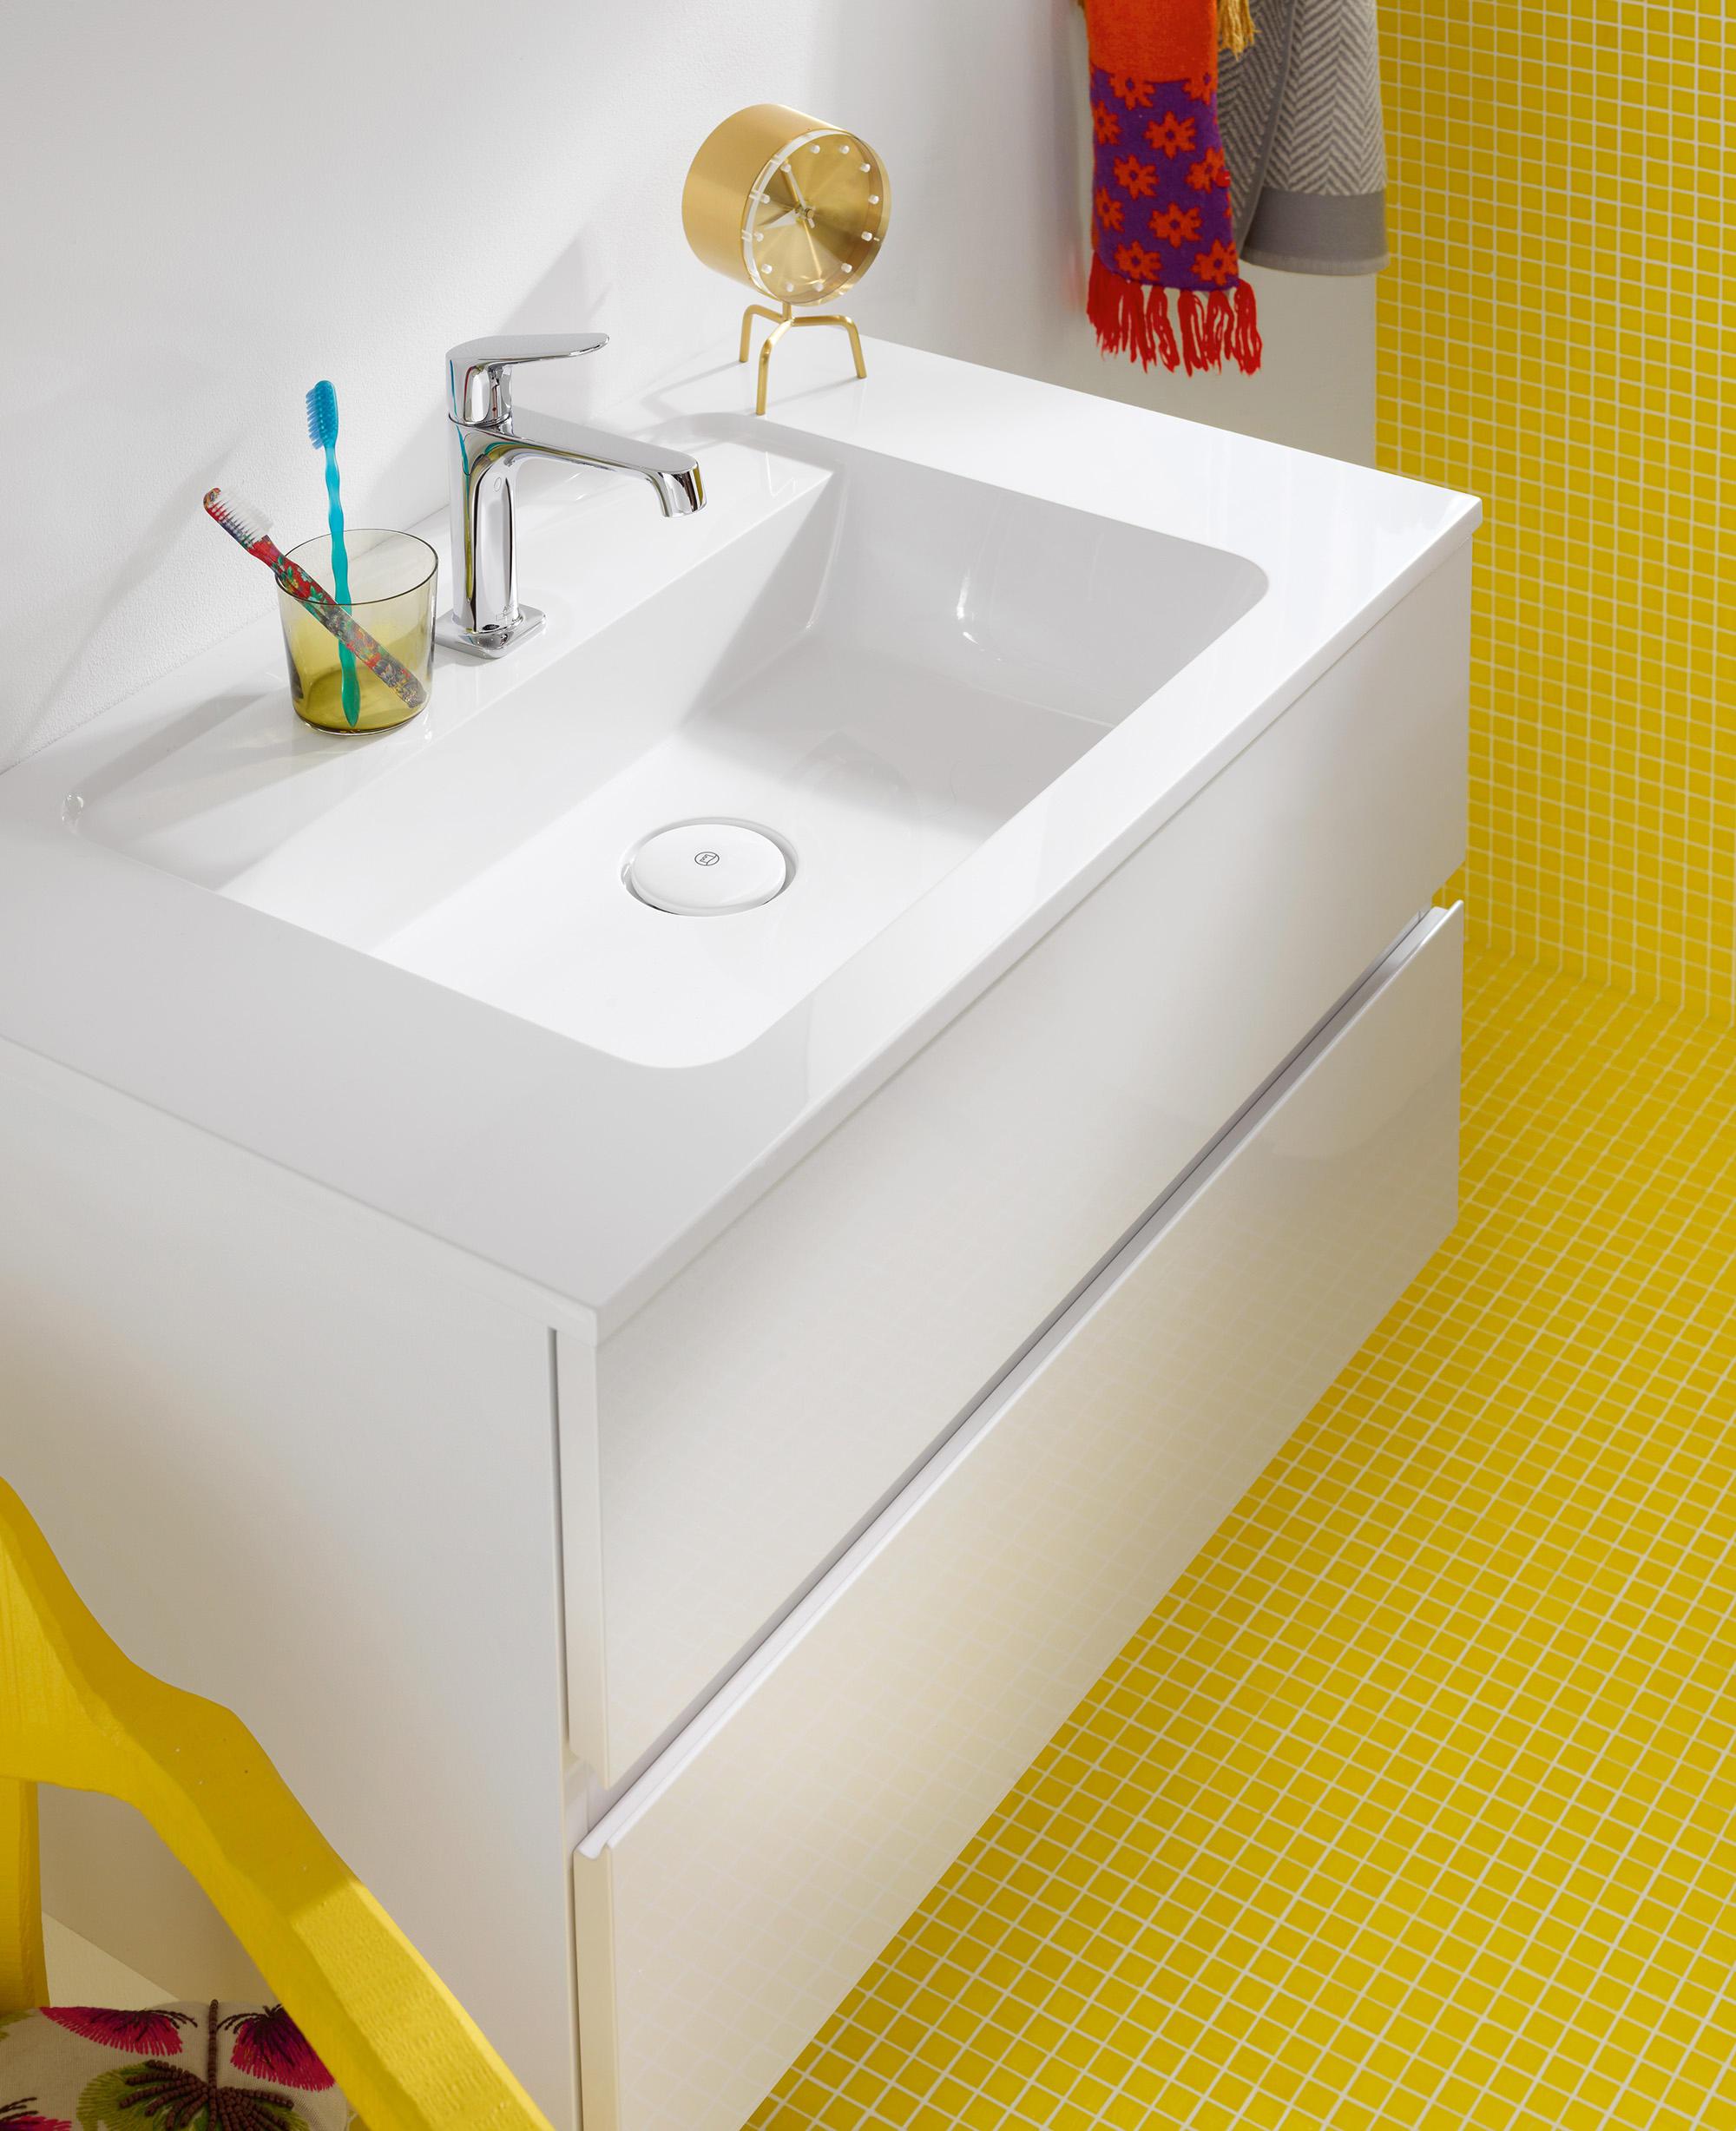 bel mineralguss waschtisch inkl waschtischunterschrank. Black Bedroom Furniture Sets. Home Design Ideas